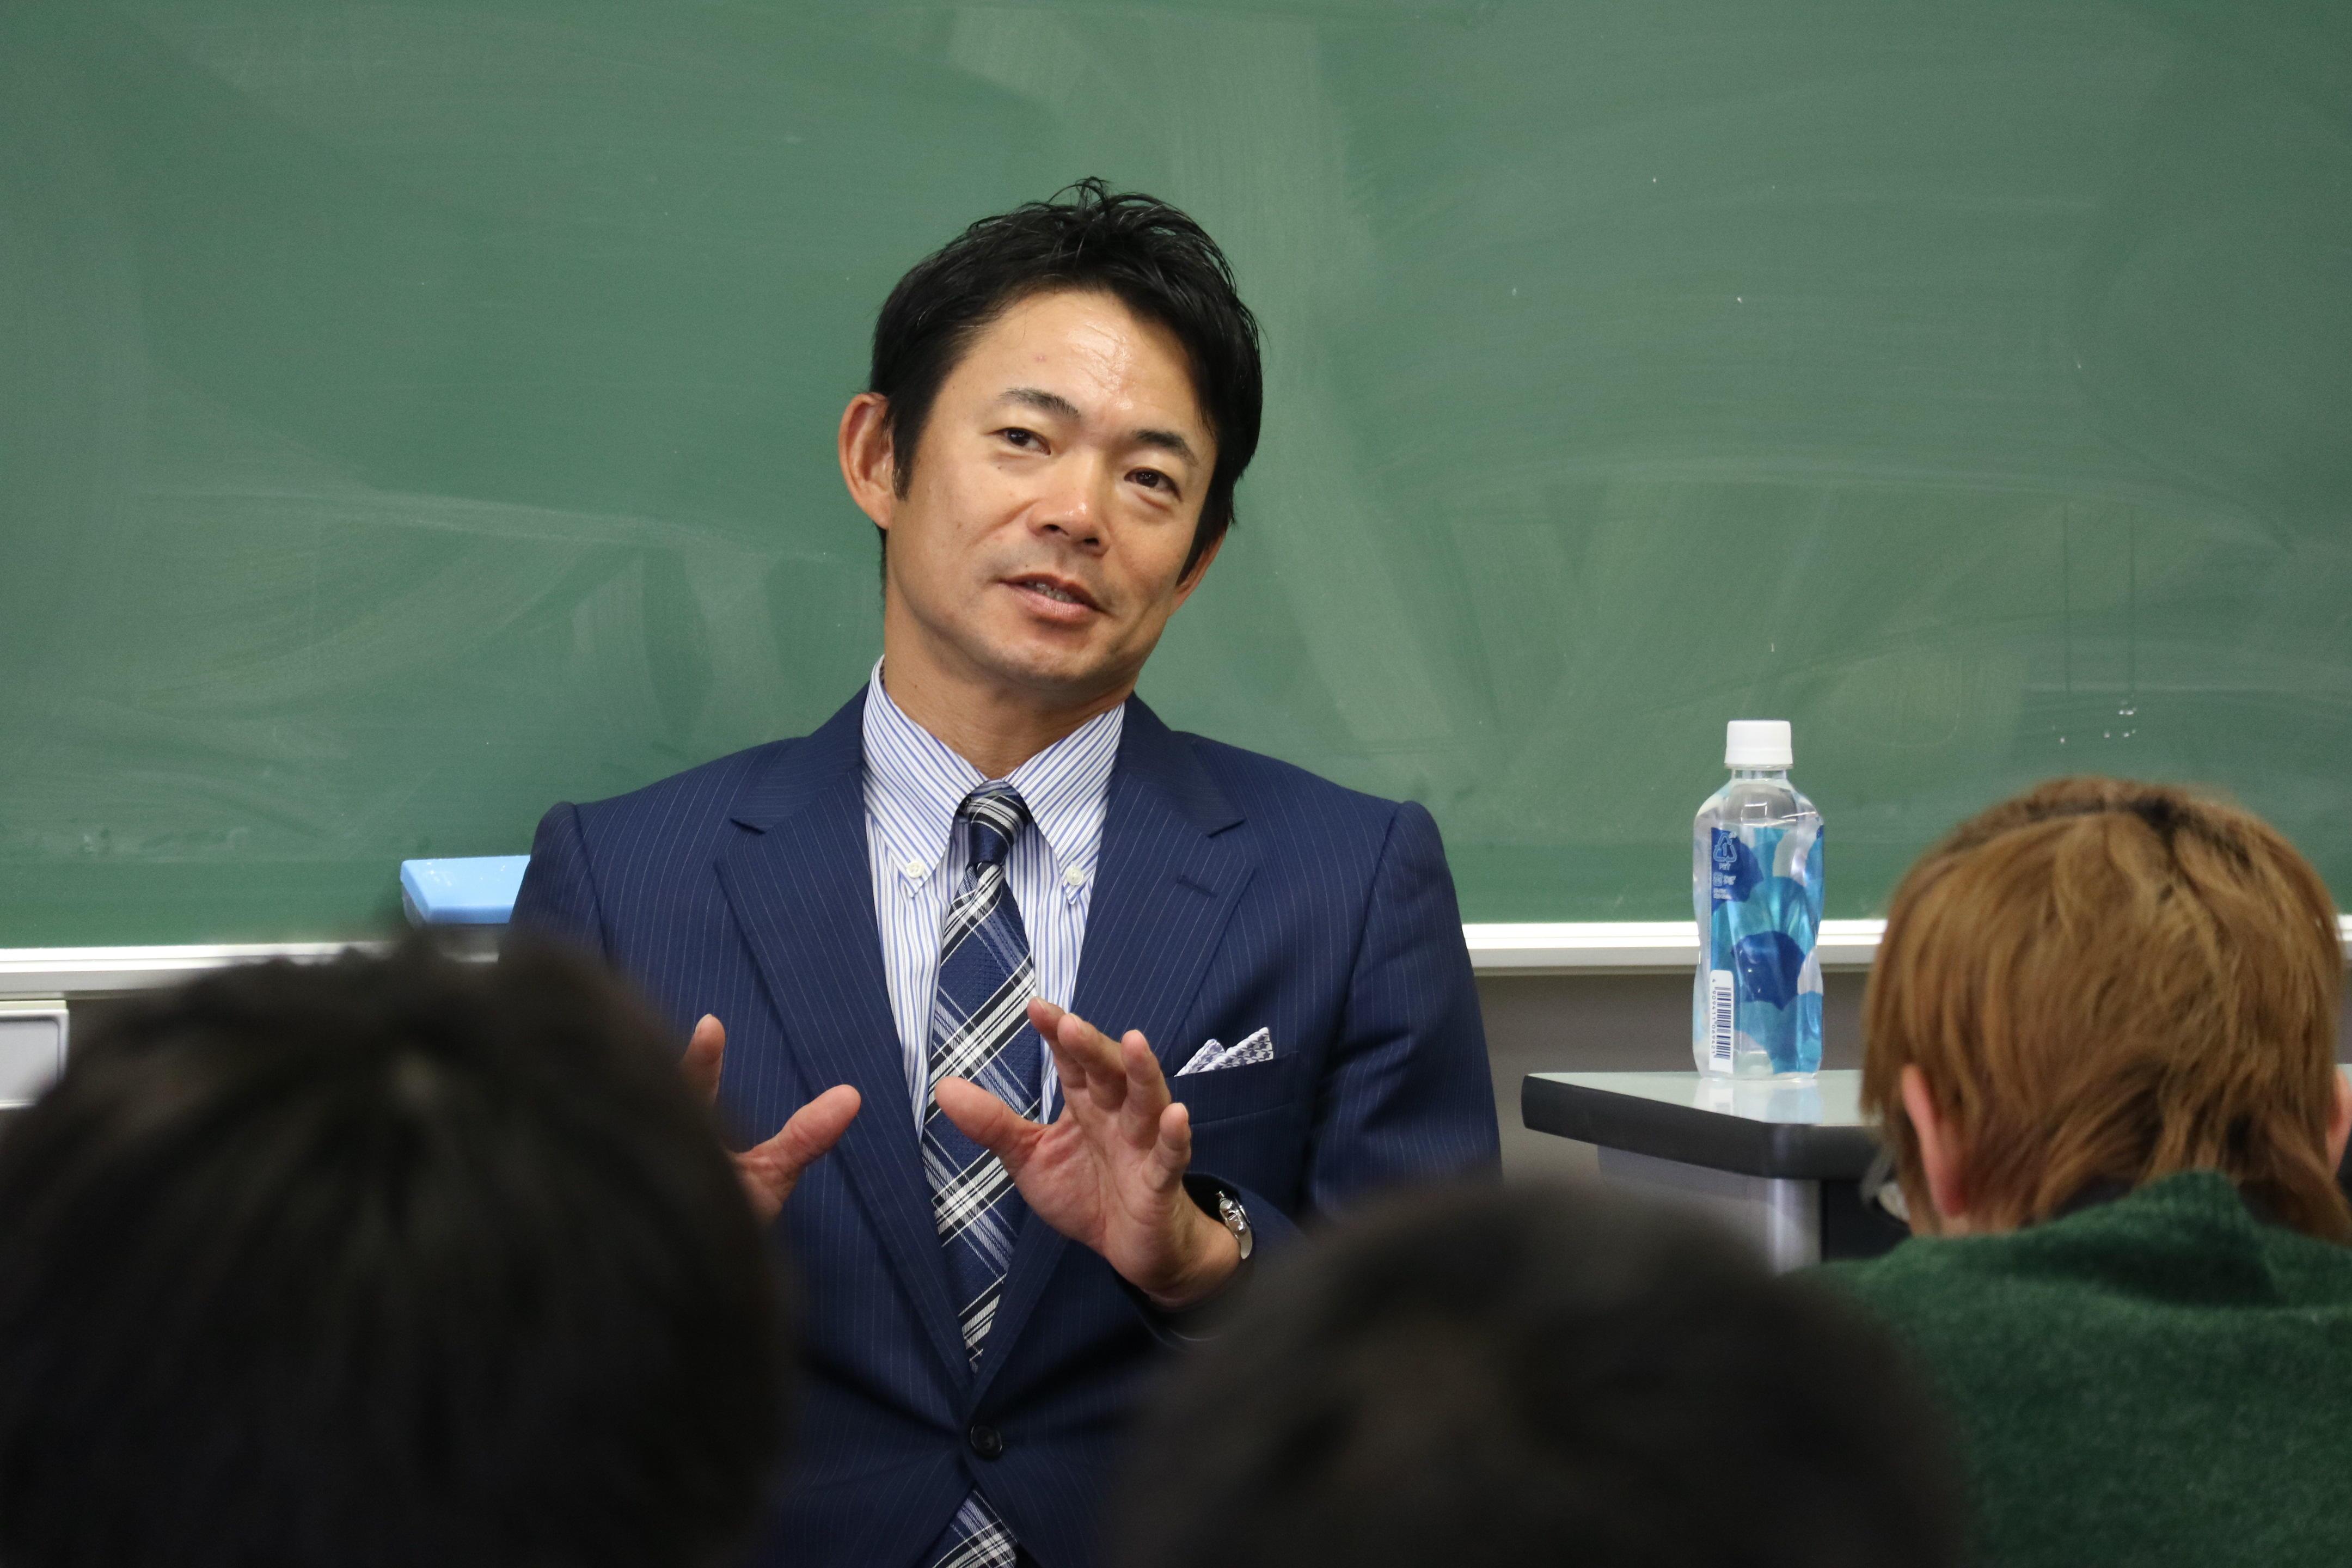 江戸川大学マス・コミュニケーション学科が元プロ野球選手・仁志敏久氏を招いた特別講義を実施 -- 野球界の問題や国際大会への見解、野球論などを熱弁